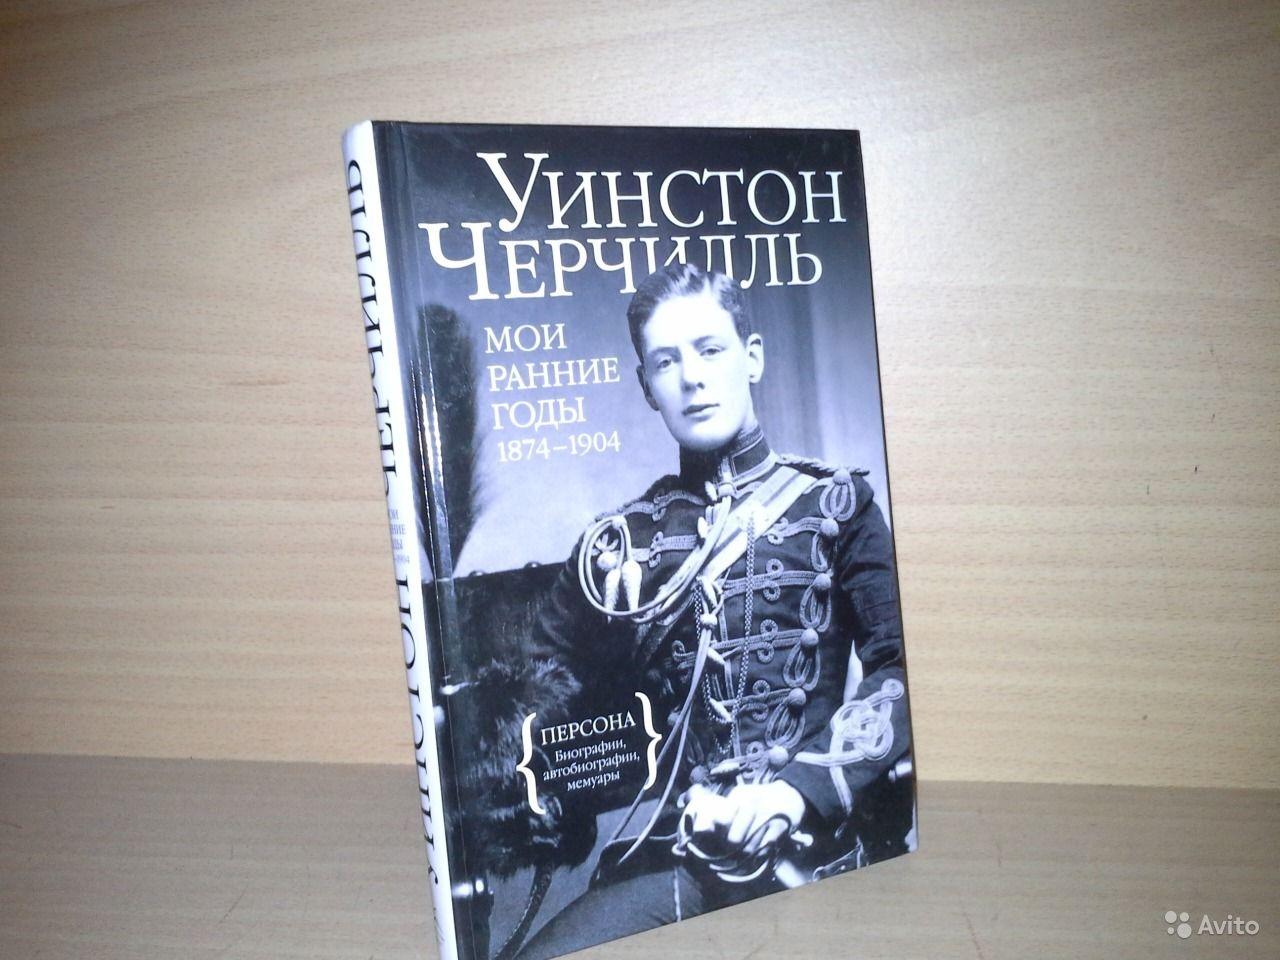 Уинстон Черчилль «Мои ранние годы: 1874 – 1904»